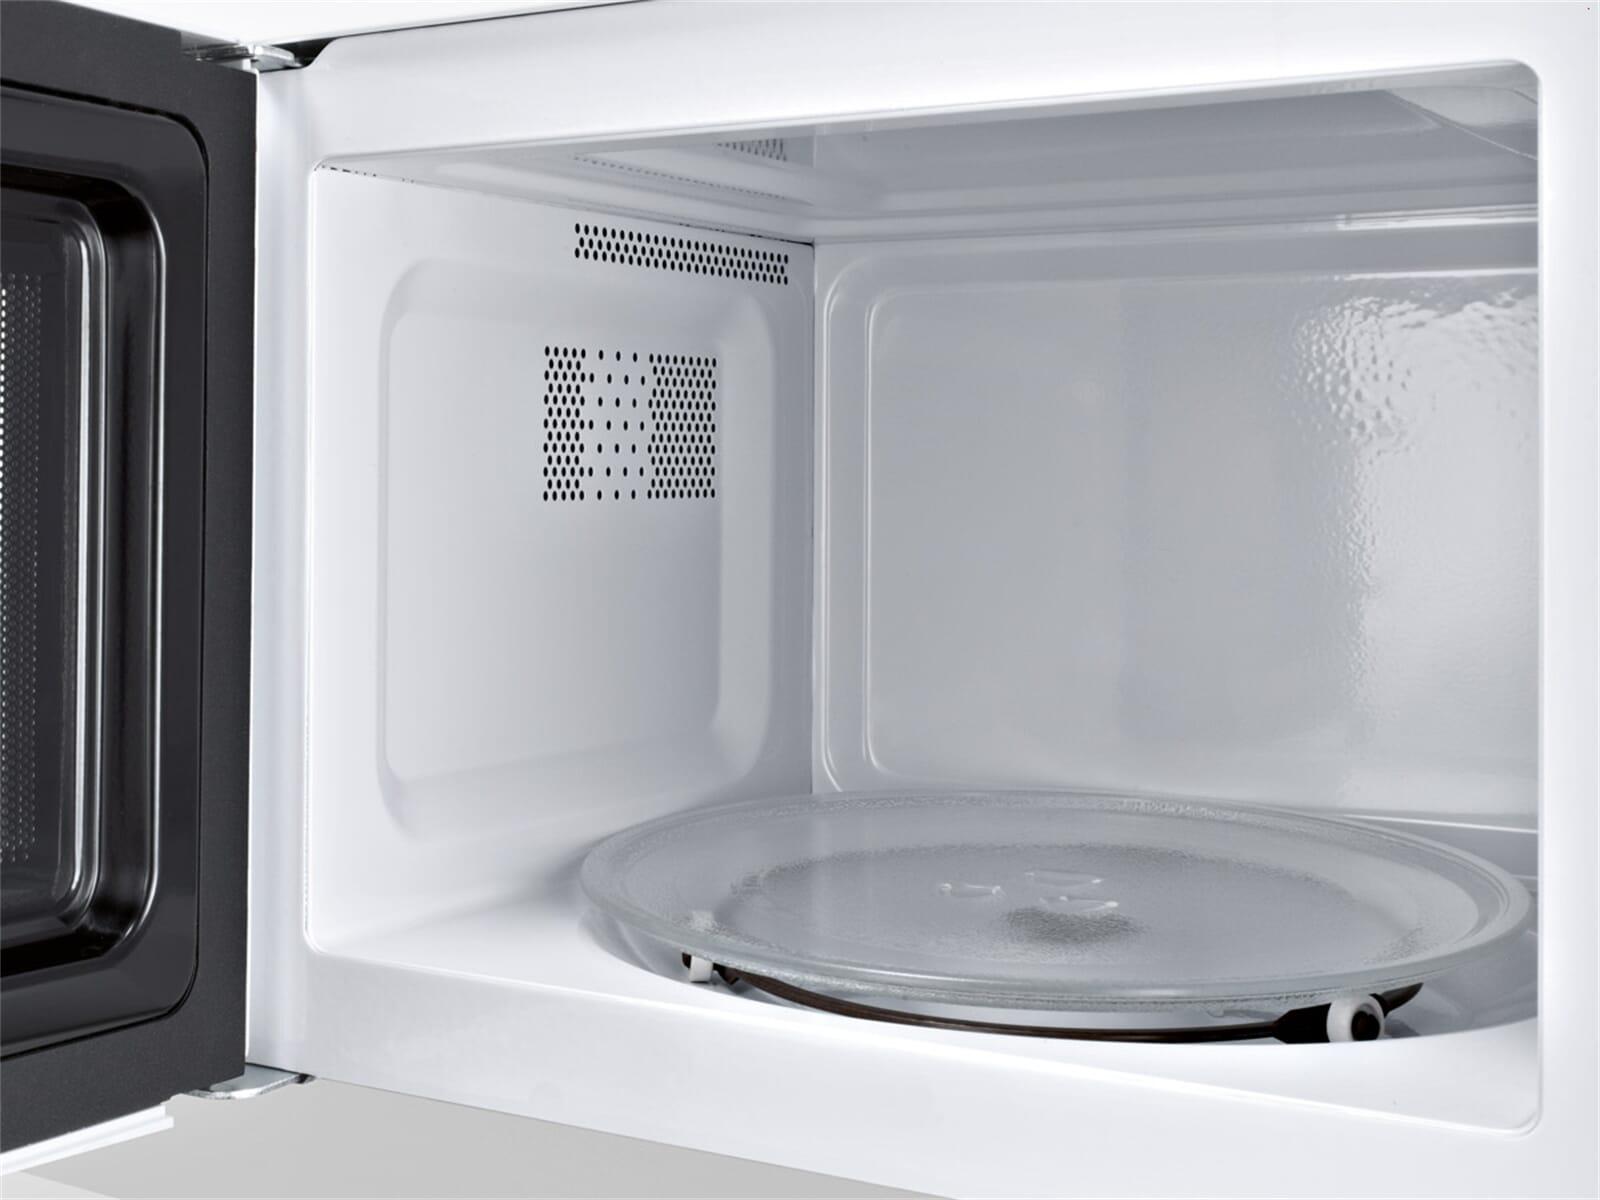 bosch hmt75m421 stand mikrowelle wei freistehend 17 liter 800 watt microwelle ebay. Black Bedroom Furniture Sets. Home Design Ideas